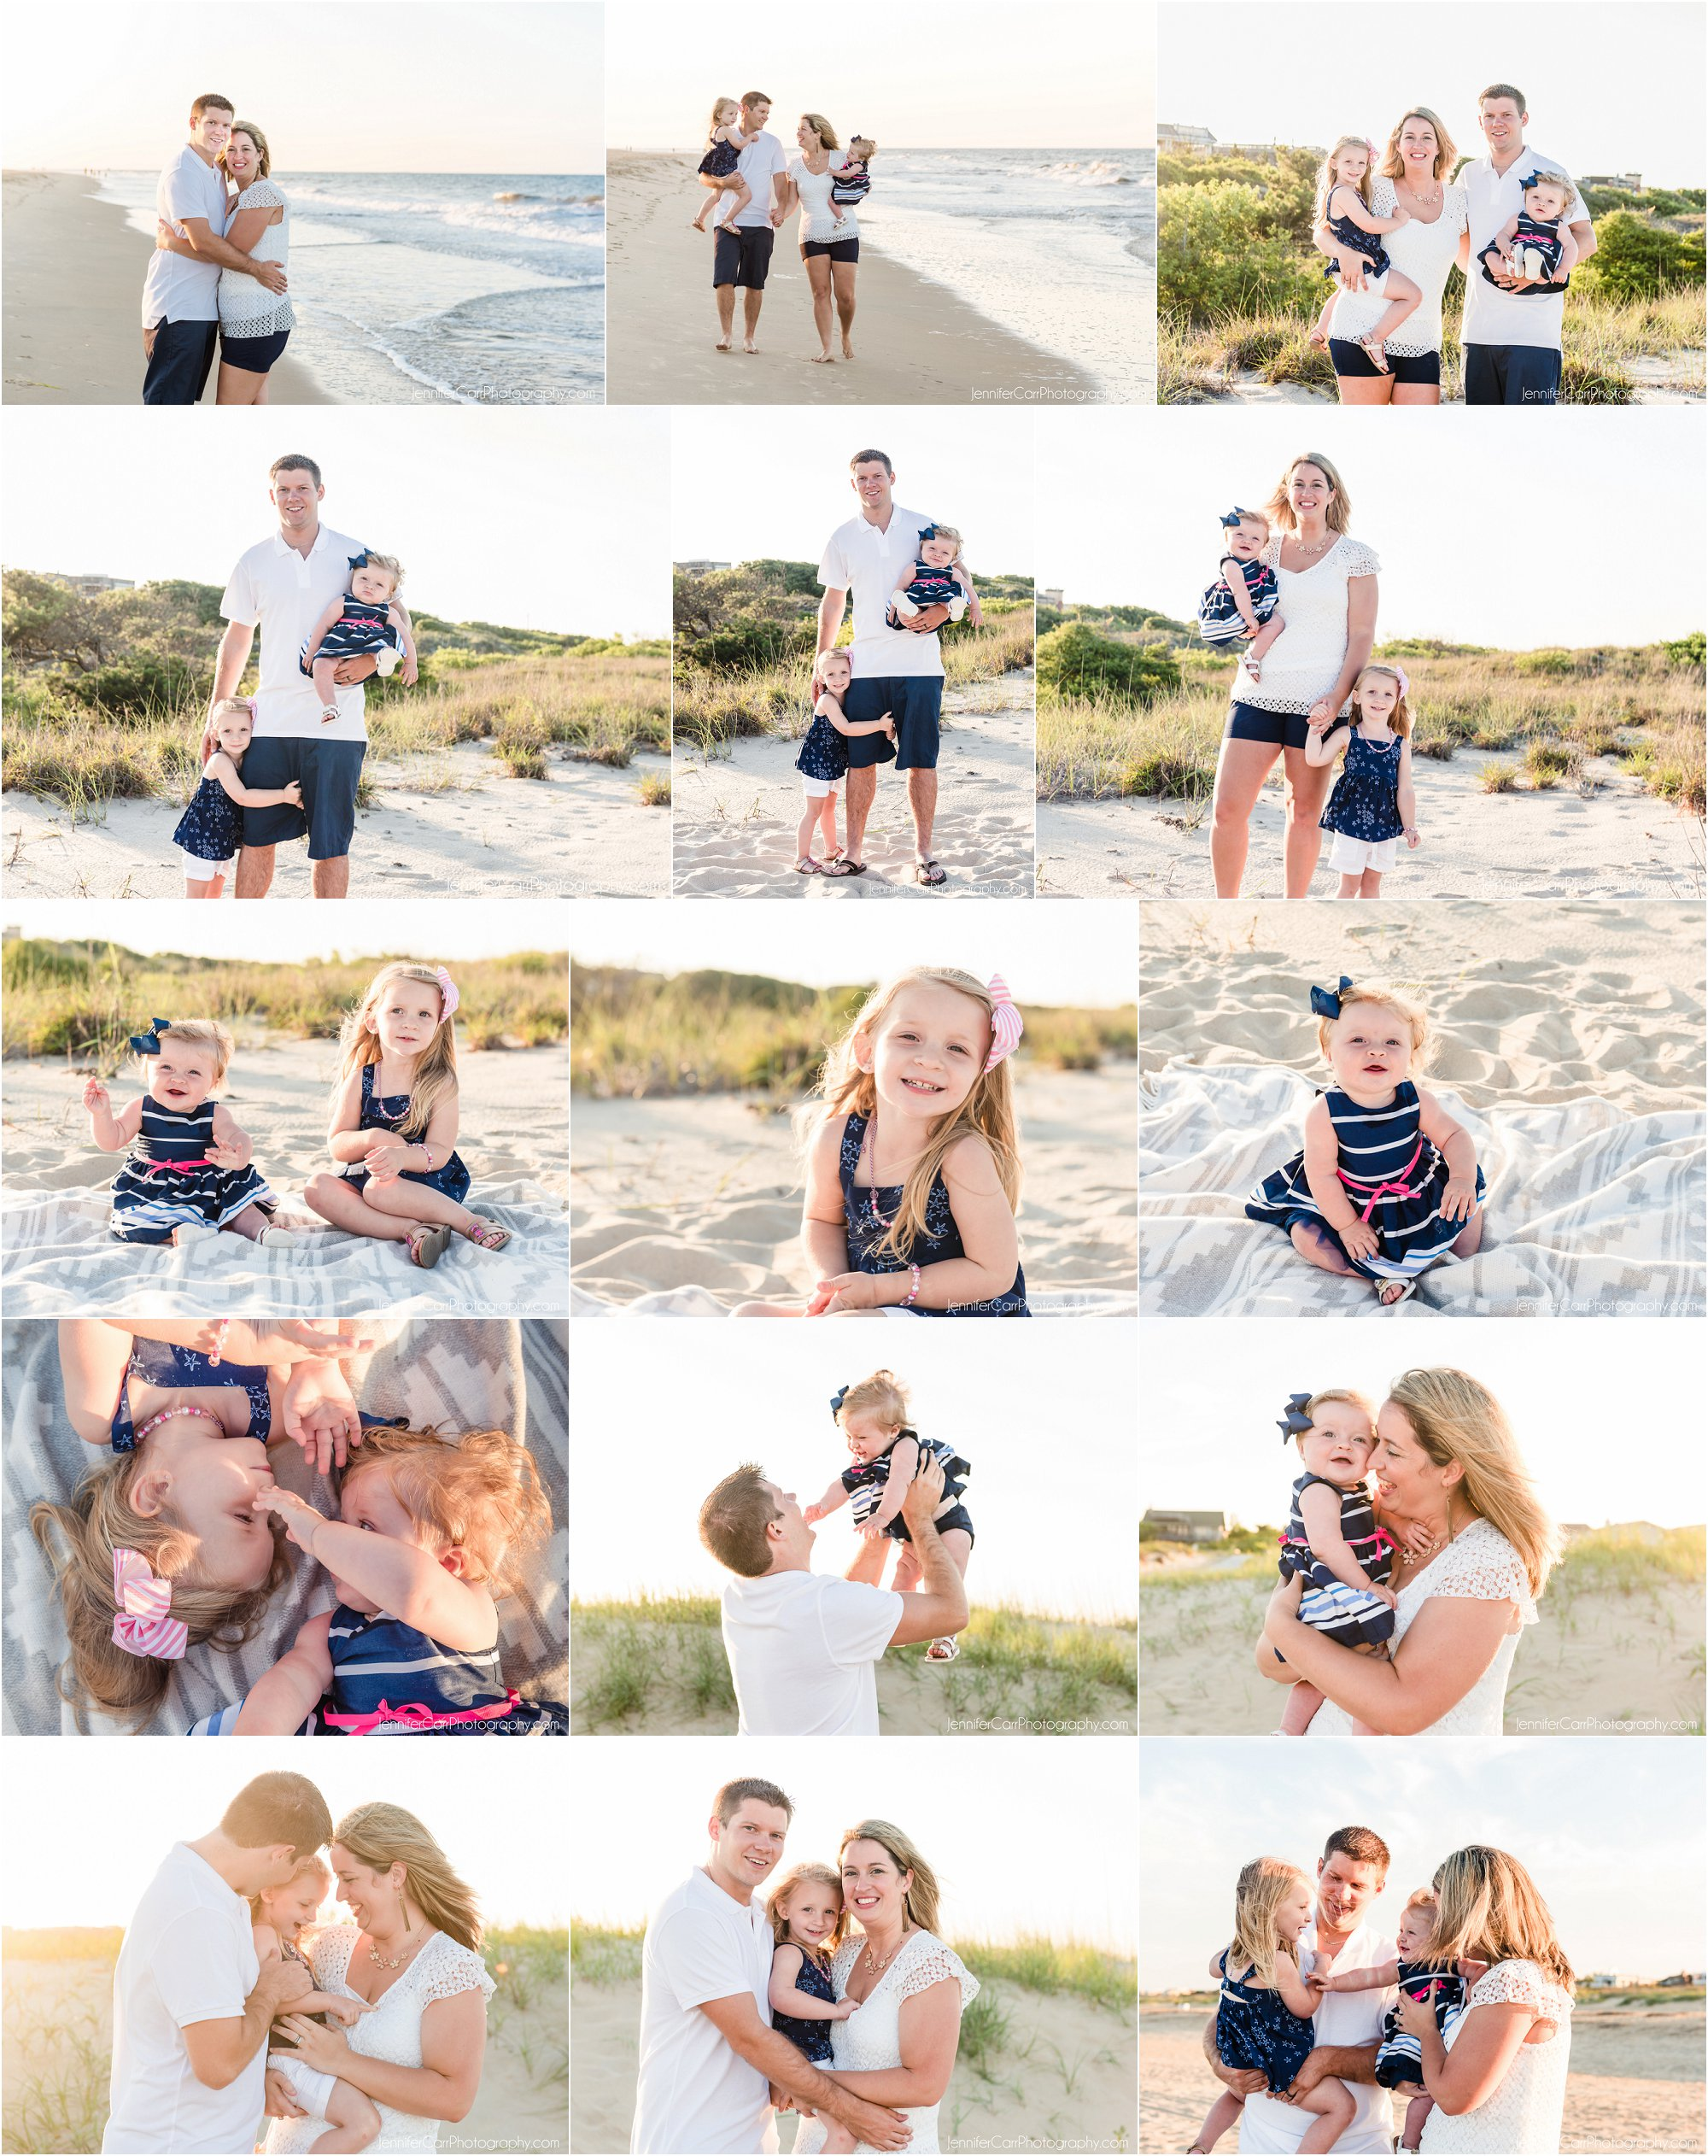 弗吉尼亚海滩全家福,珍妮弗·卡尔摄影,北端照片,